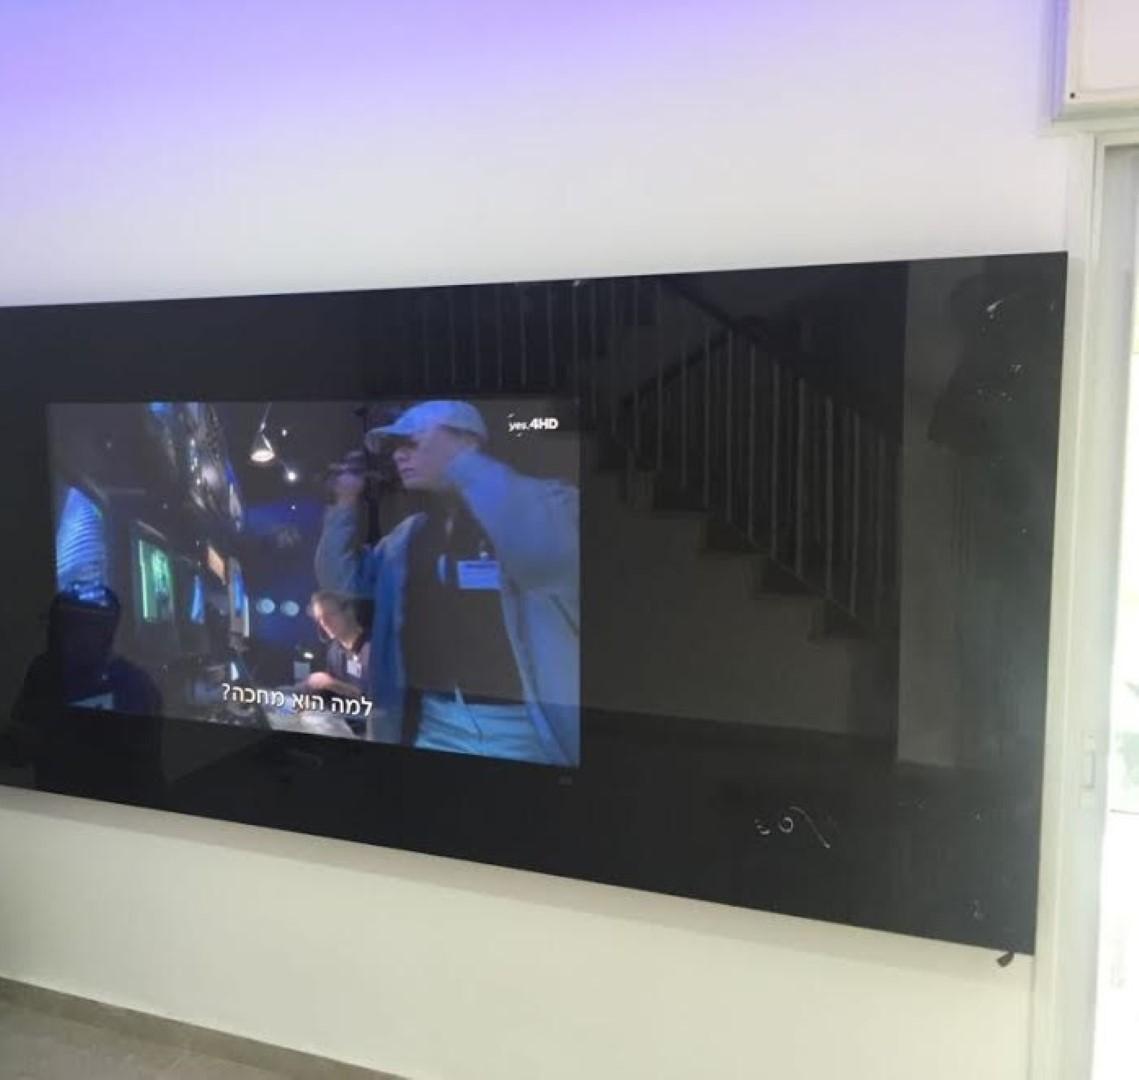 מסך זכוכית לטלויזיה 4